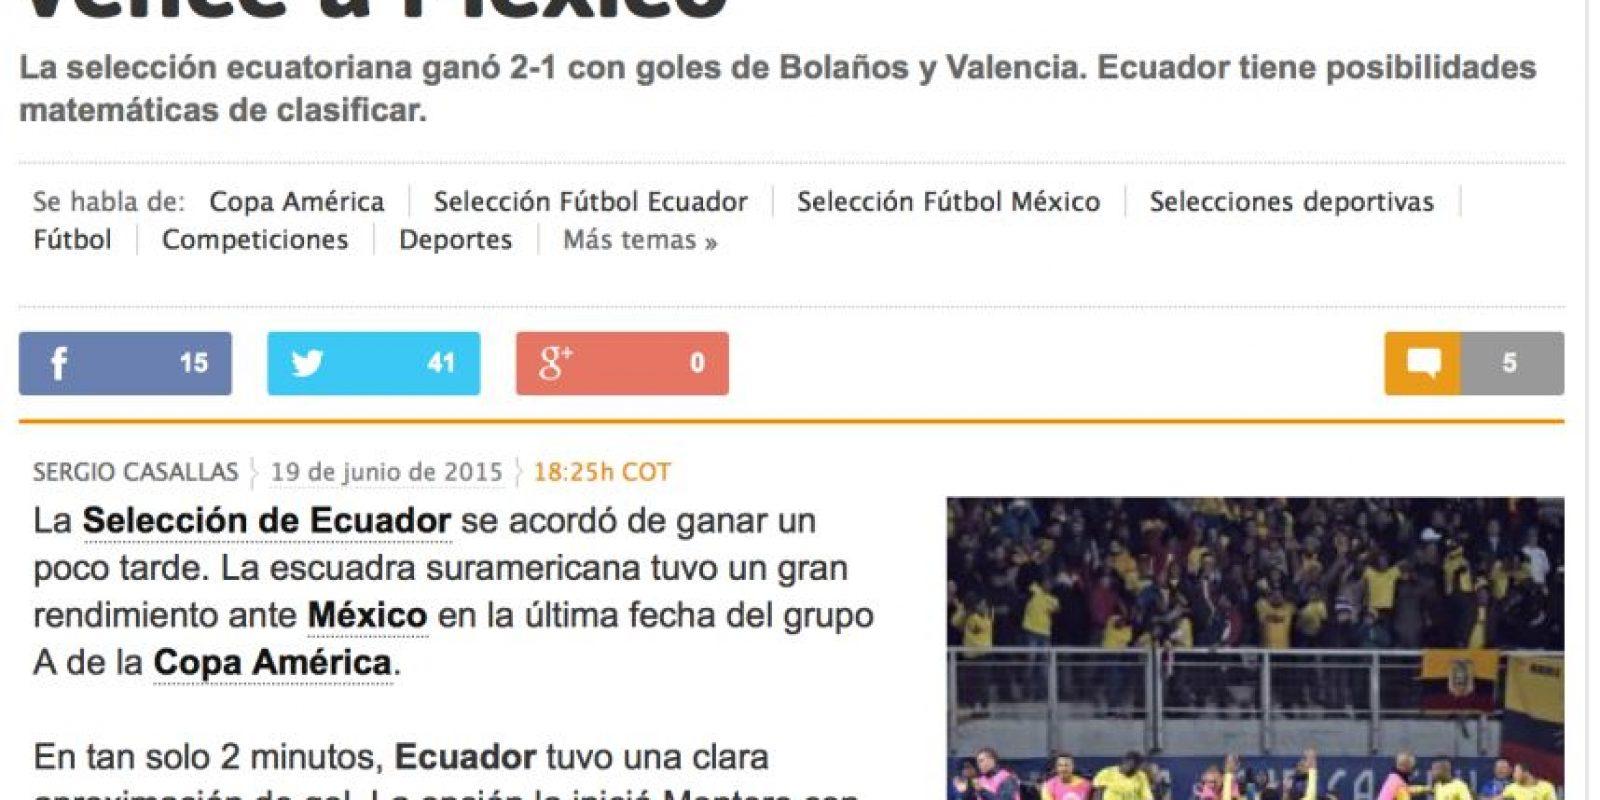 Marca de España le da más valor a la actuación de Ecuador que a la eliminación de México Foto:Marca